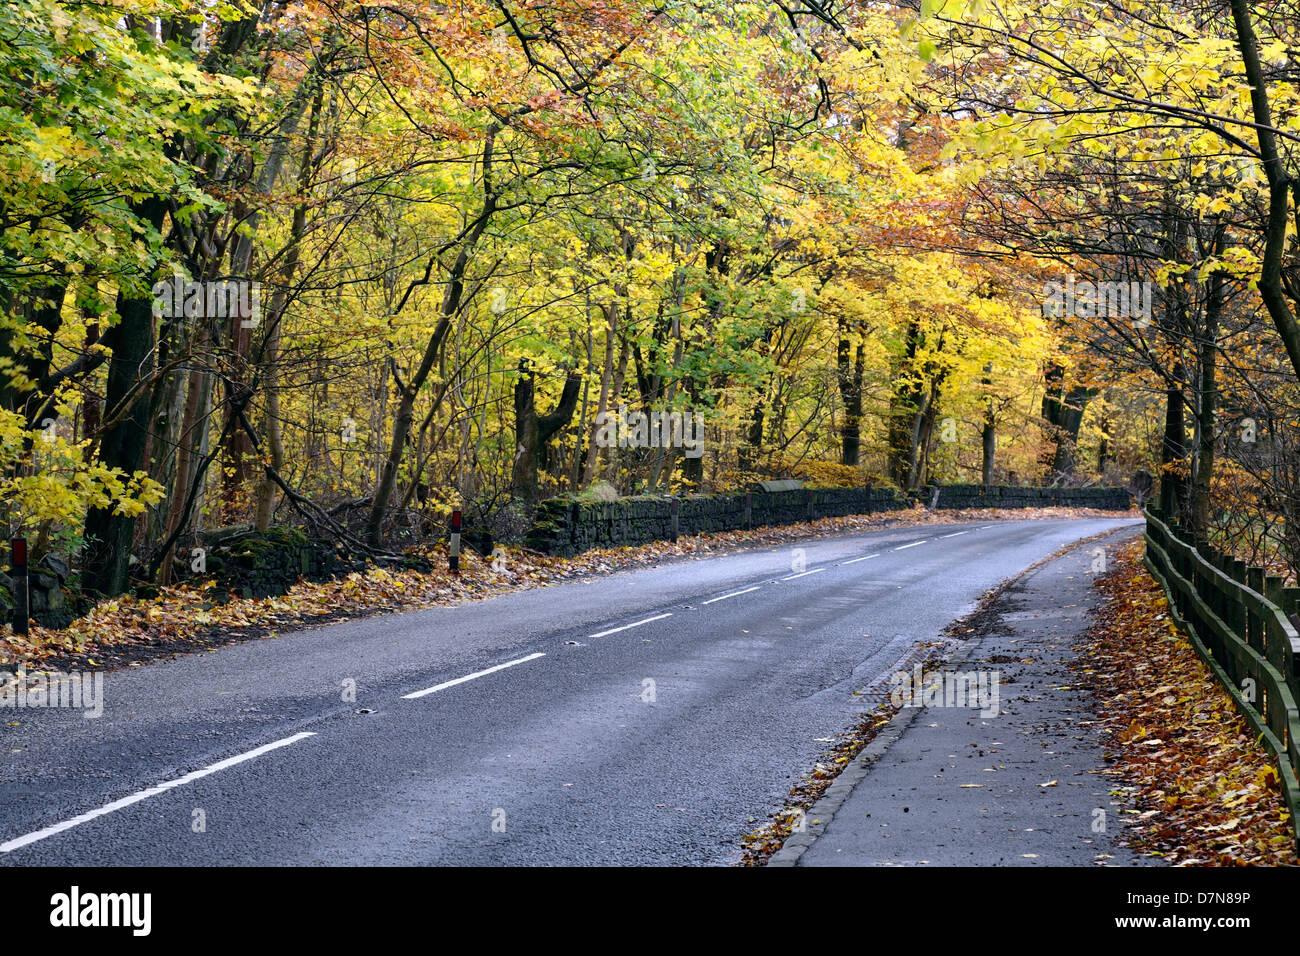 Eine leere Landstraße im Herbst, Schottland, UK Stockbild